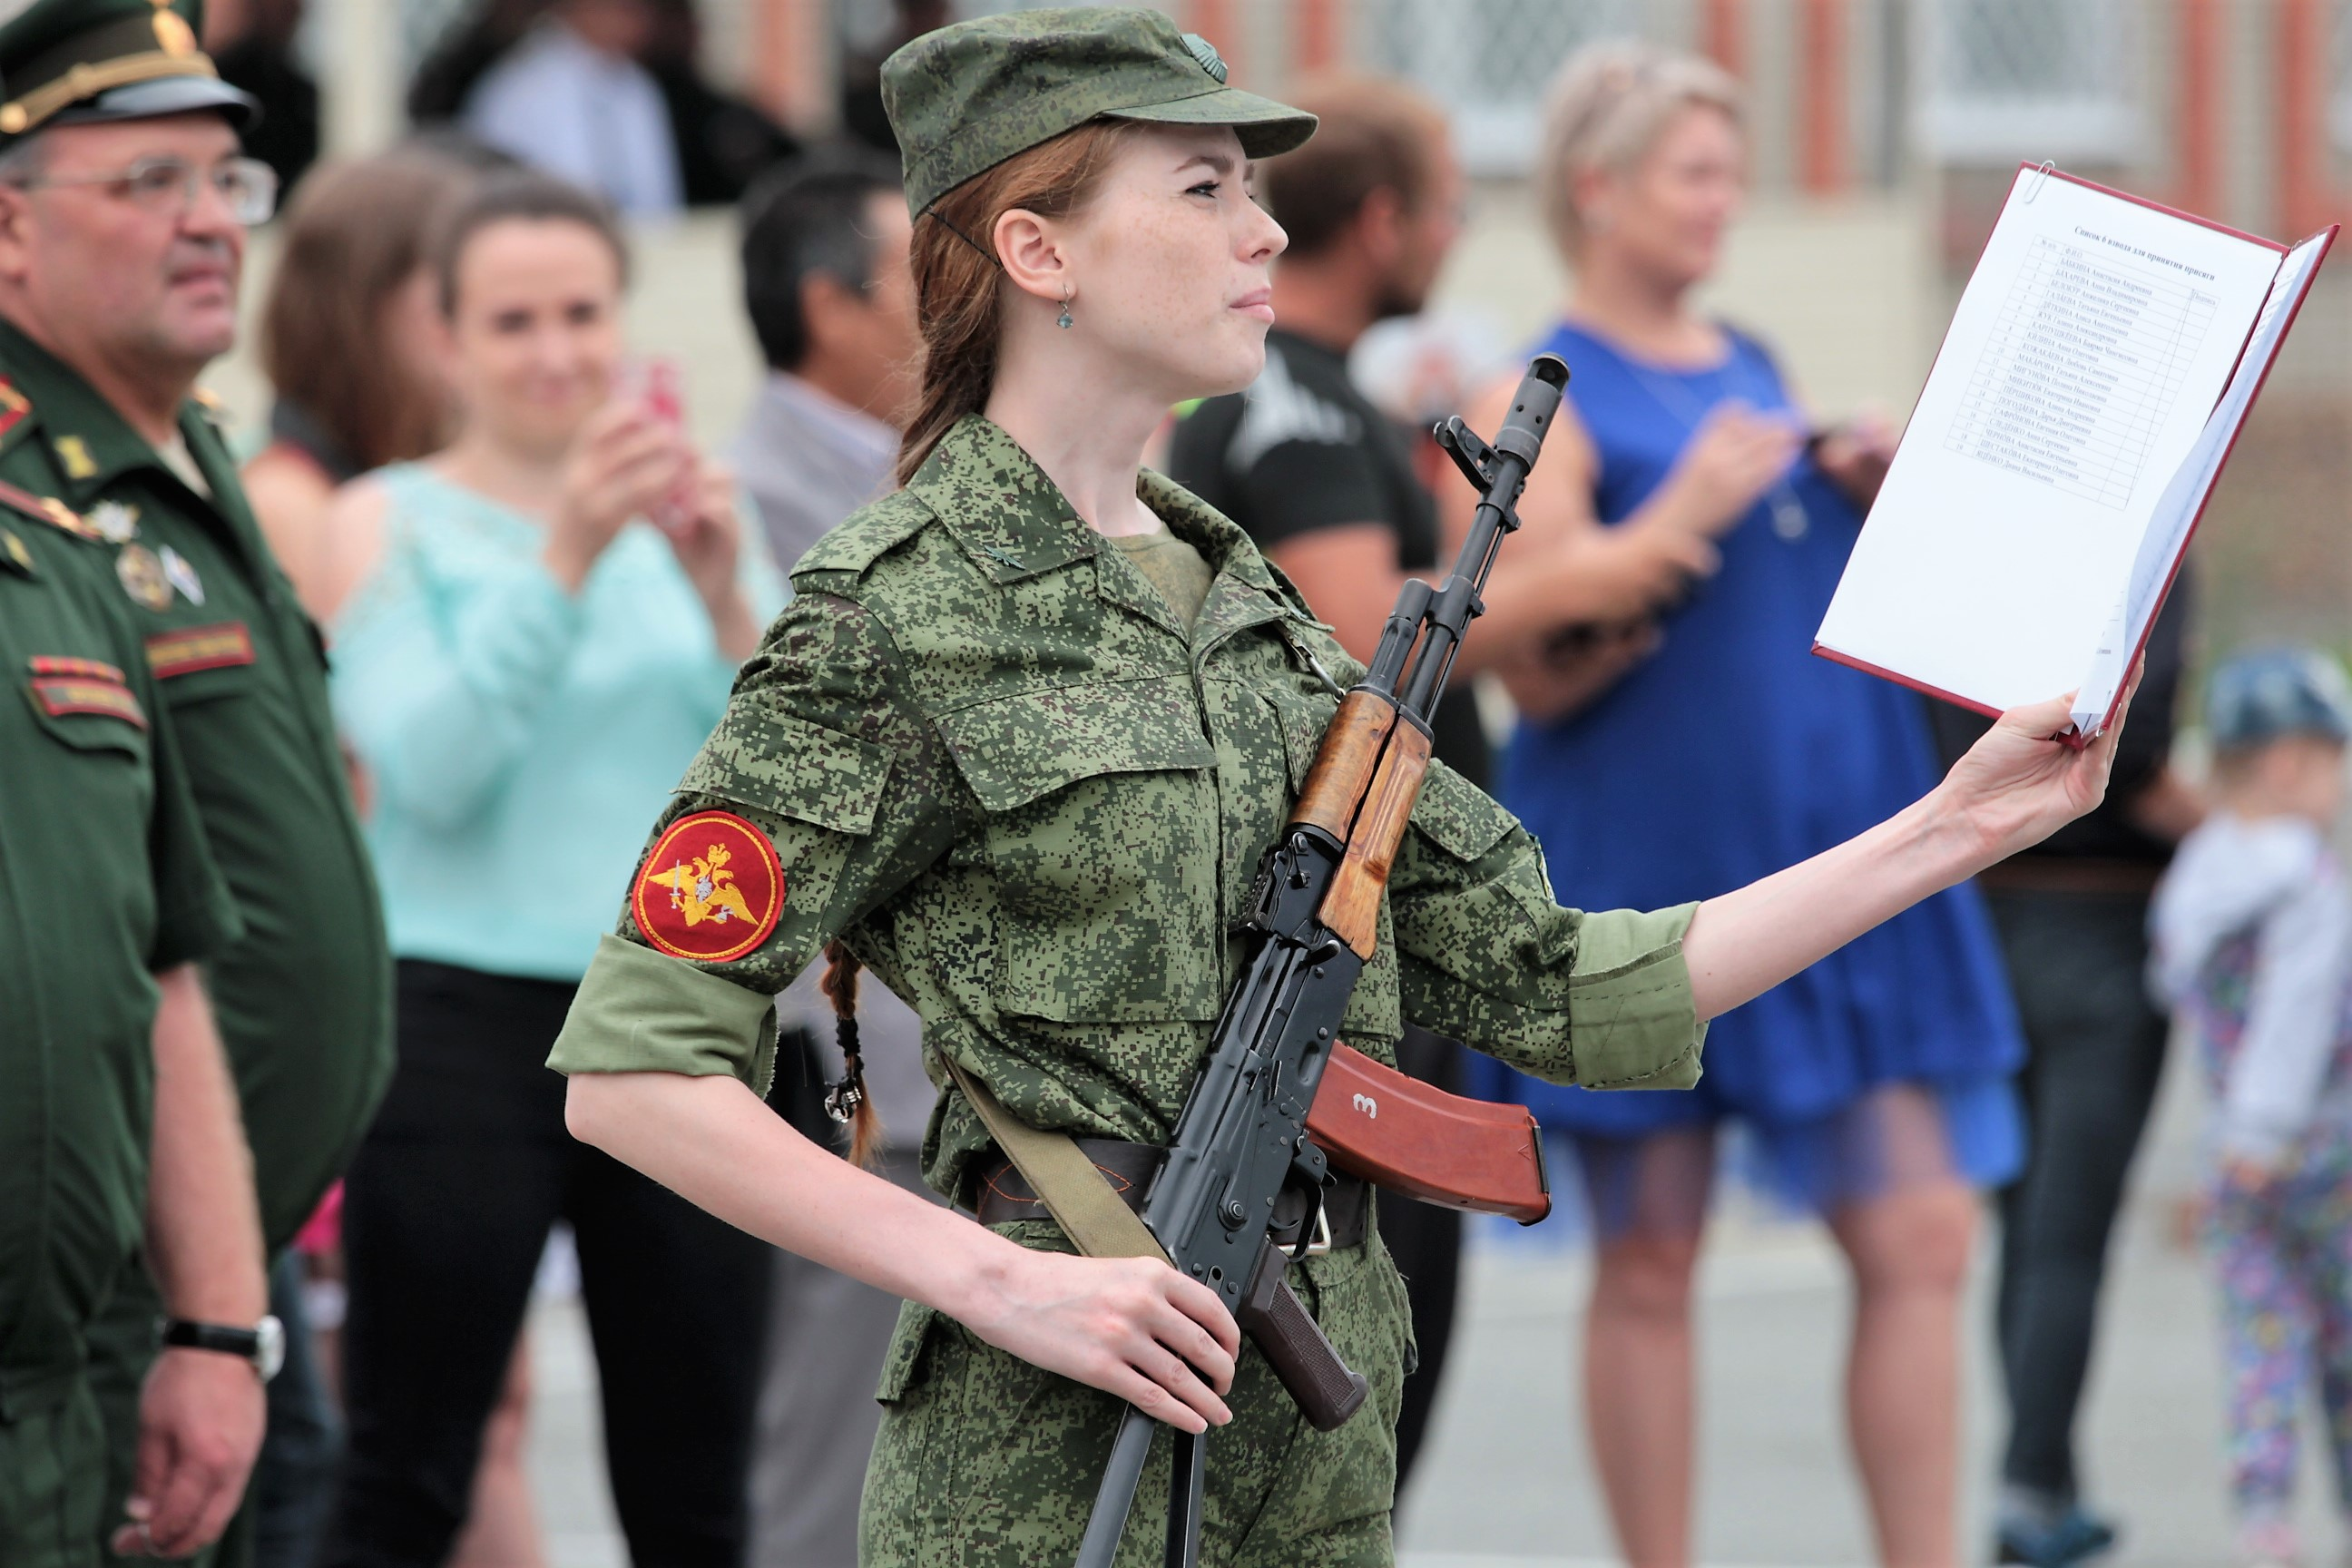 Военная присяга – клятва воина на верность родине   сми oboznik - личность, общество, армия, государство